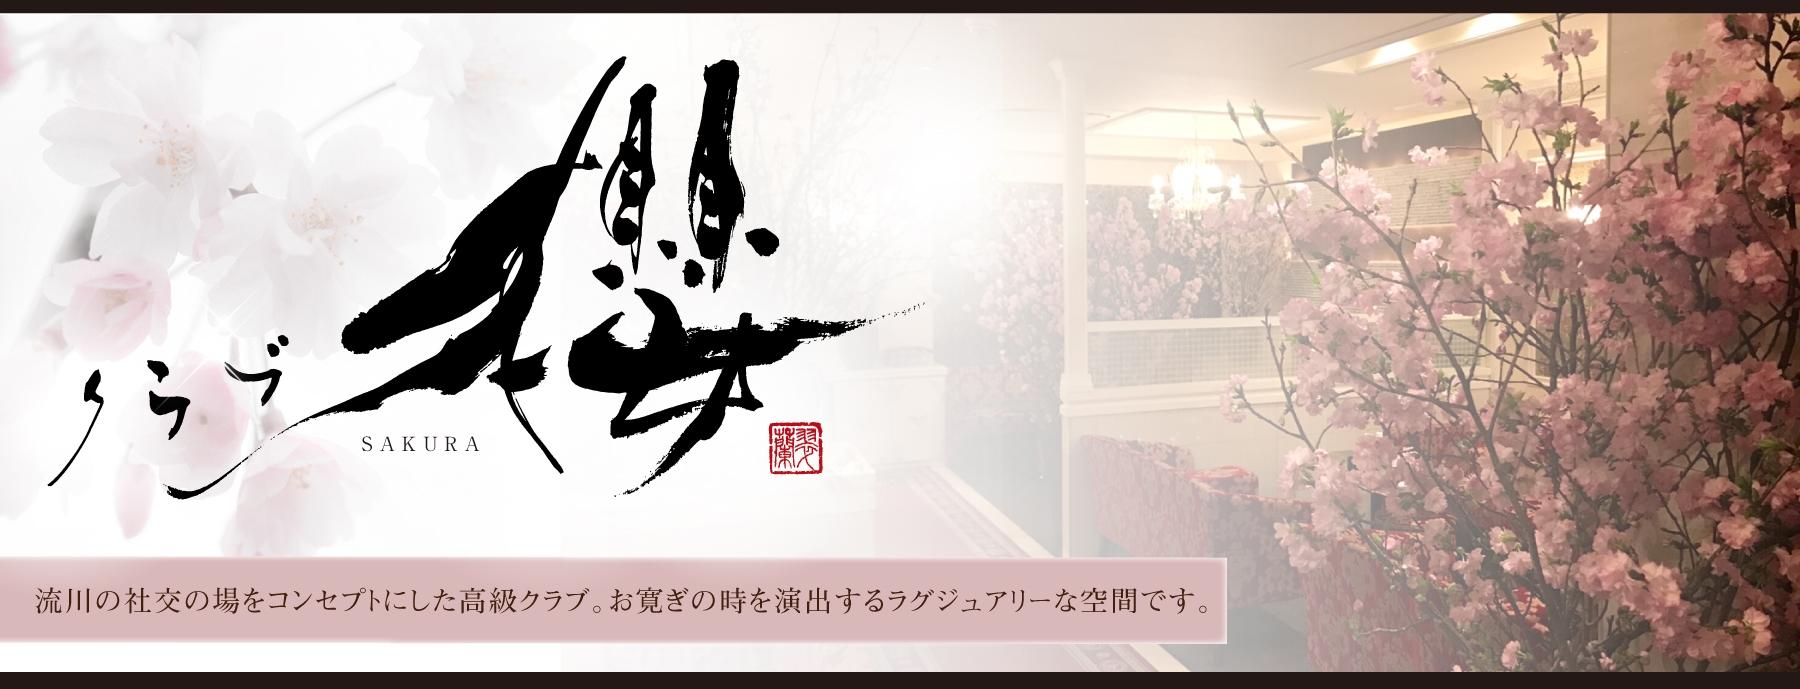 広島・流川・薬研堀 キャバクラ クラブ櫻 -さくら-の店舗画像1